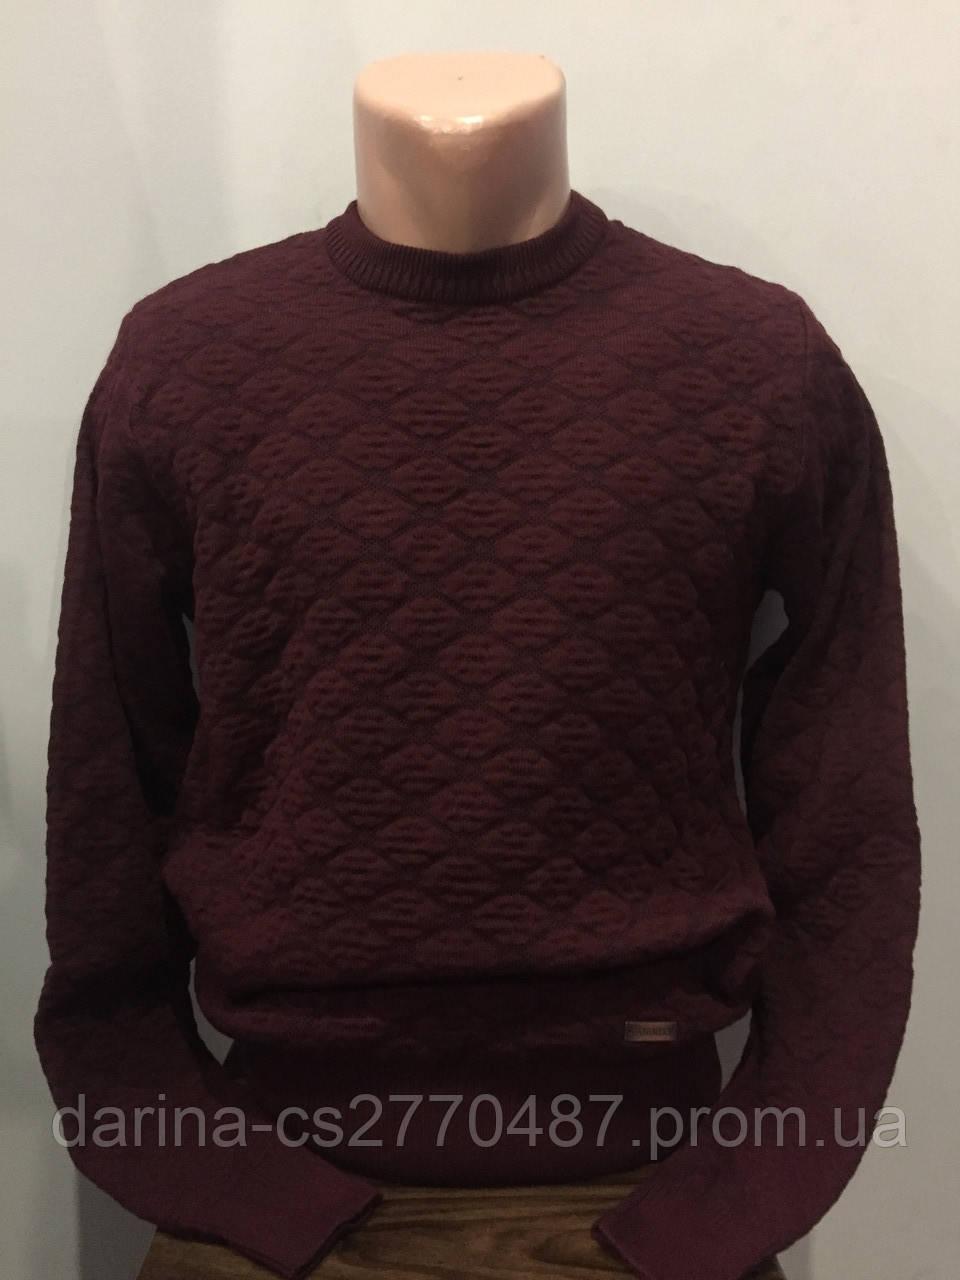 Зимний свитер для мужчины M,L